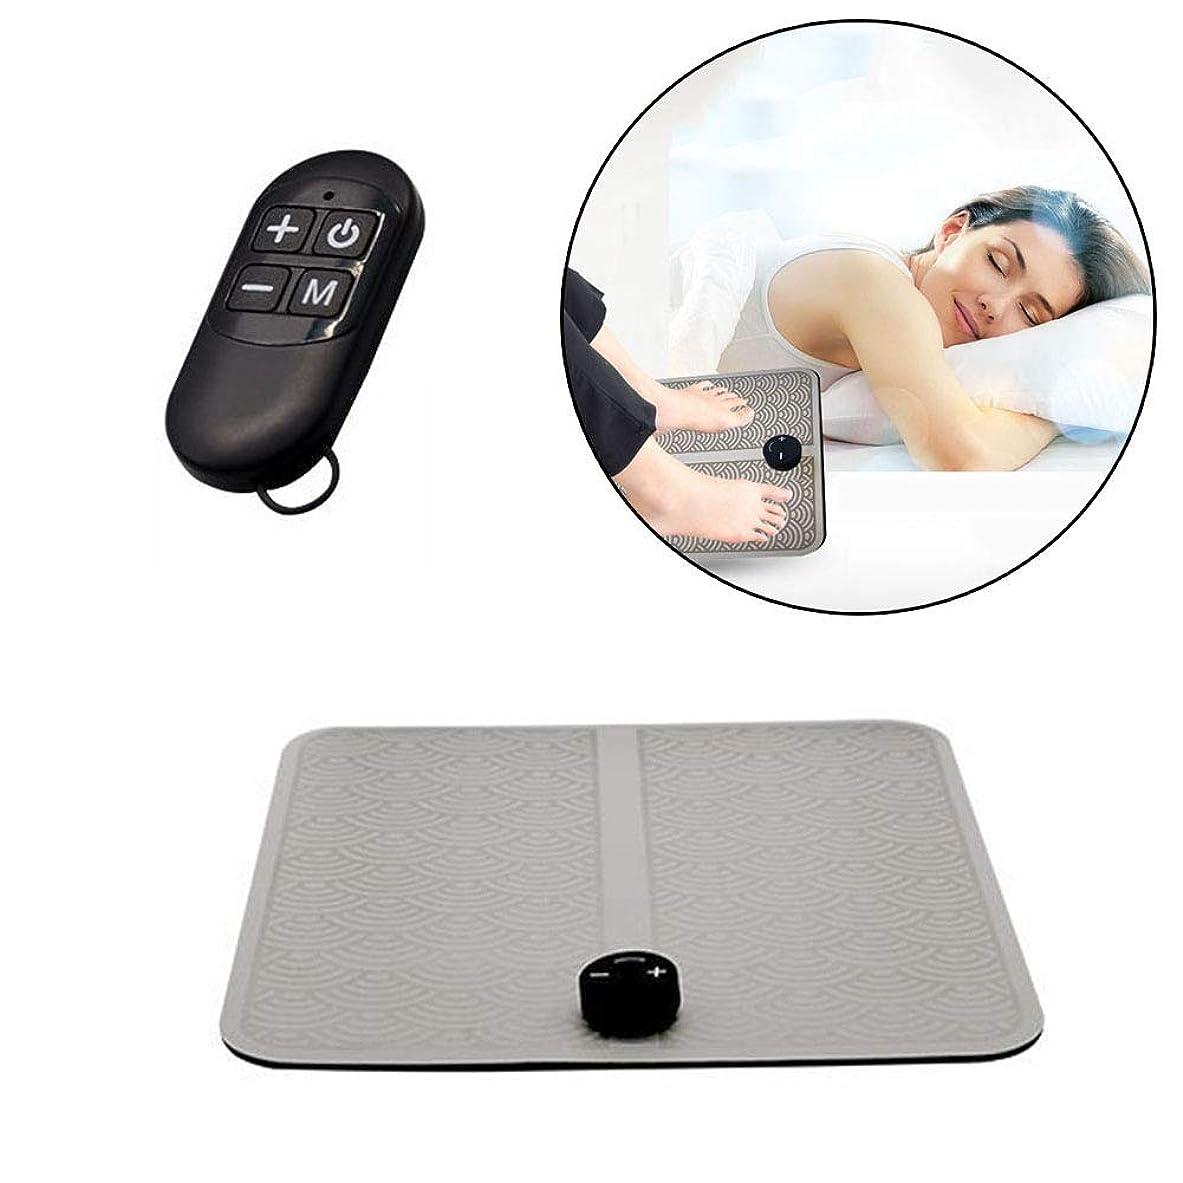 一般良い息子USBフットマッサージャー(EMS)電磁的に充電可能な筋肉刺激による痛みの緩和、ワイヤレス血液循環の改善、足の疲労の緩和